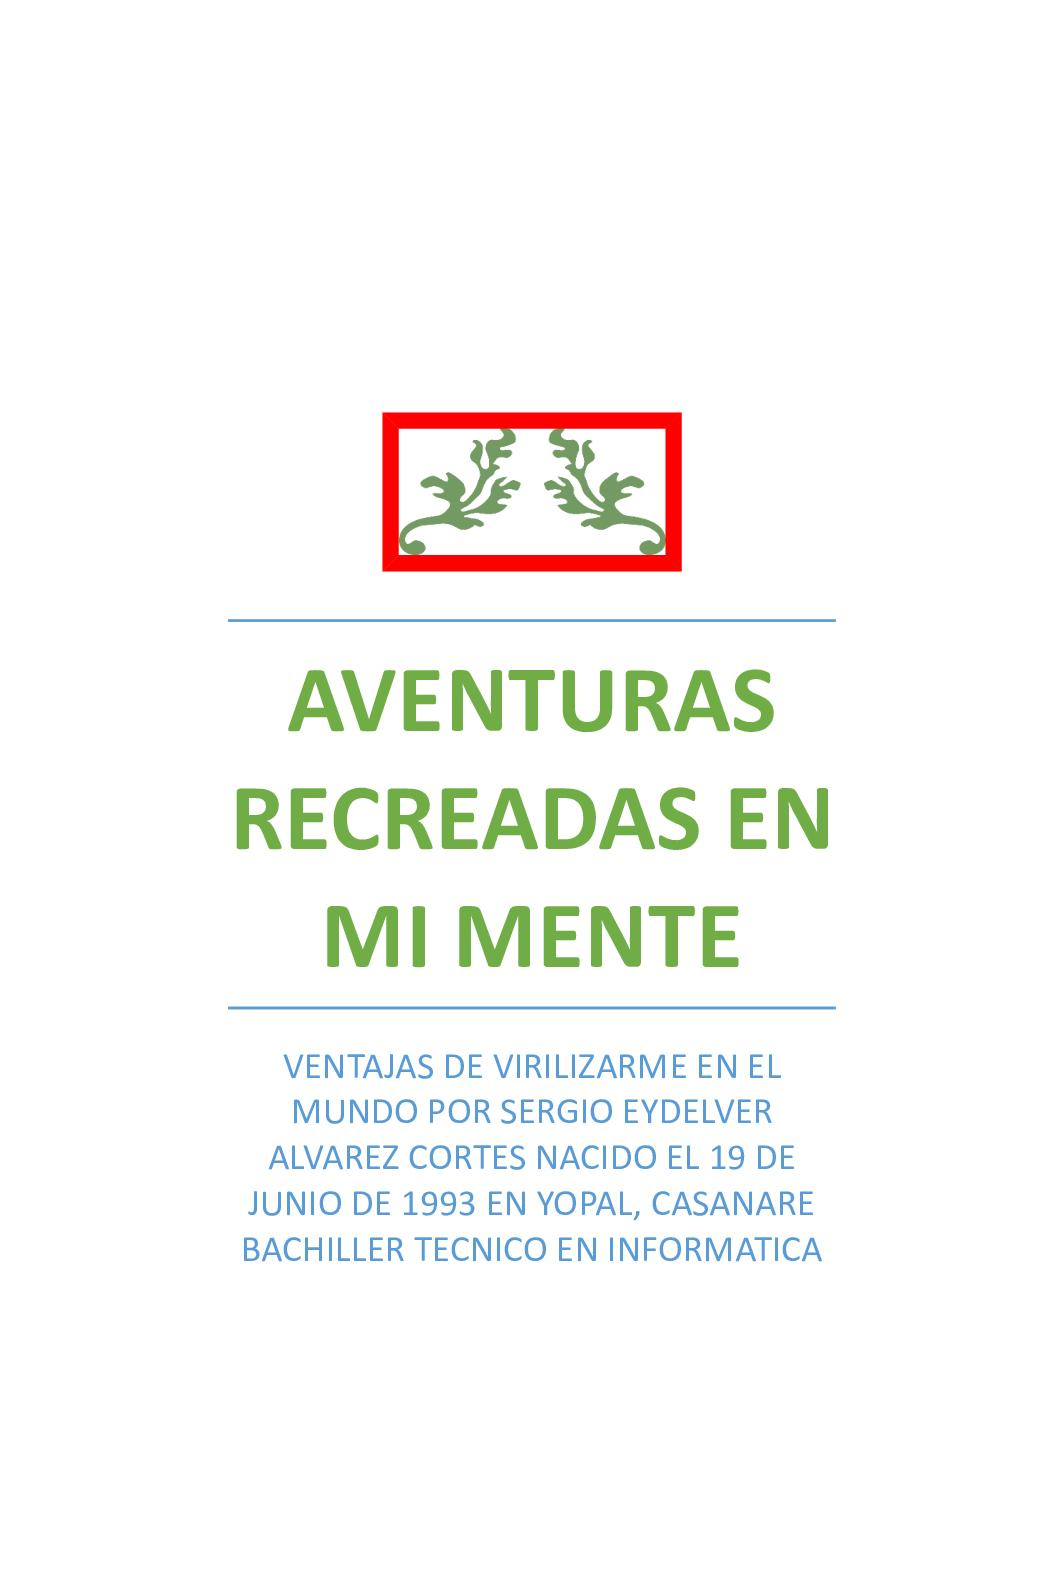 Recreadas Mente Calaméo Correción Aventuras En Mi 5LR4c3qSAj